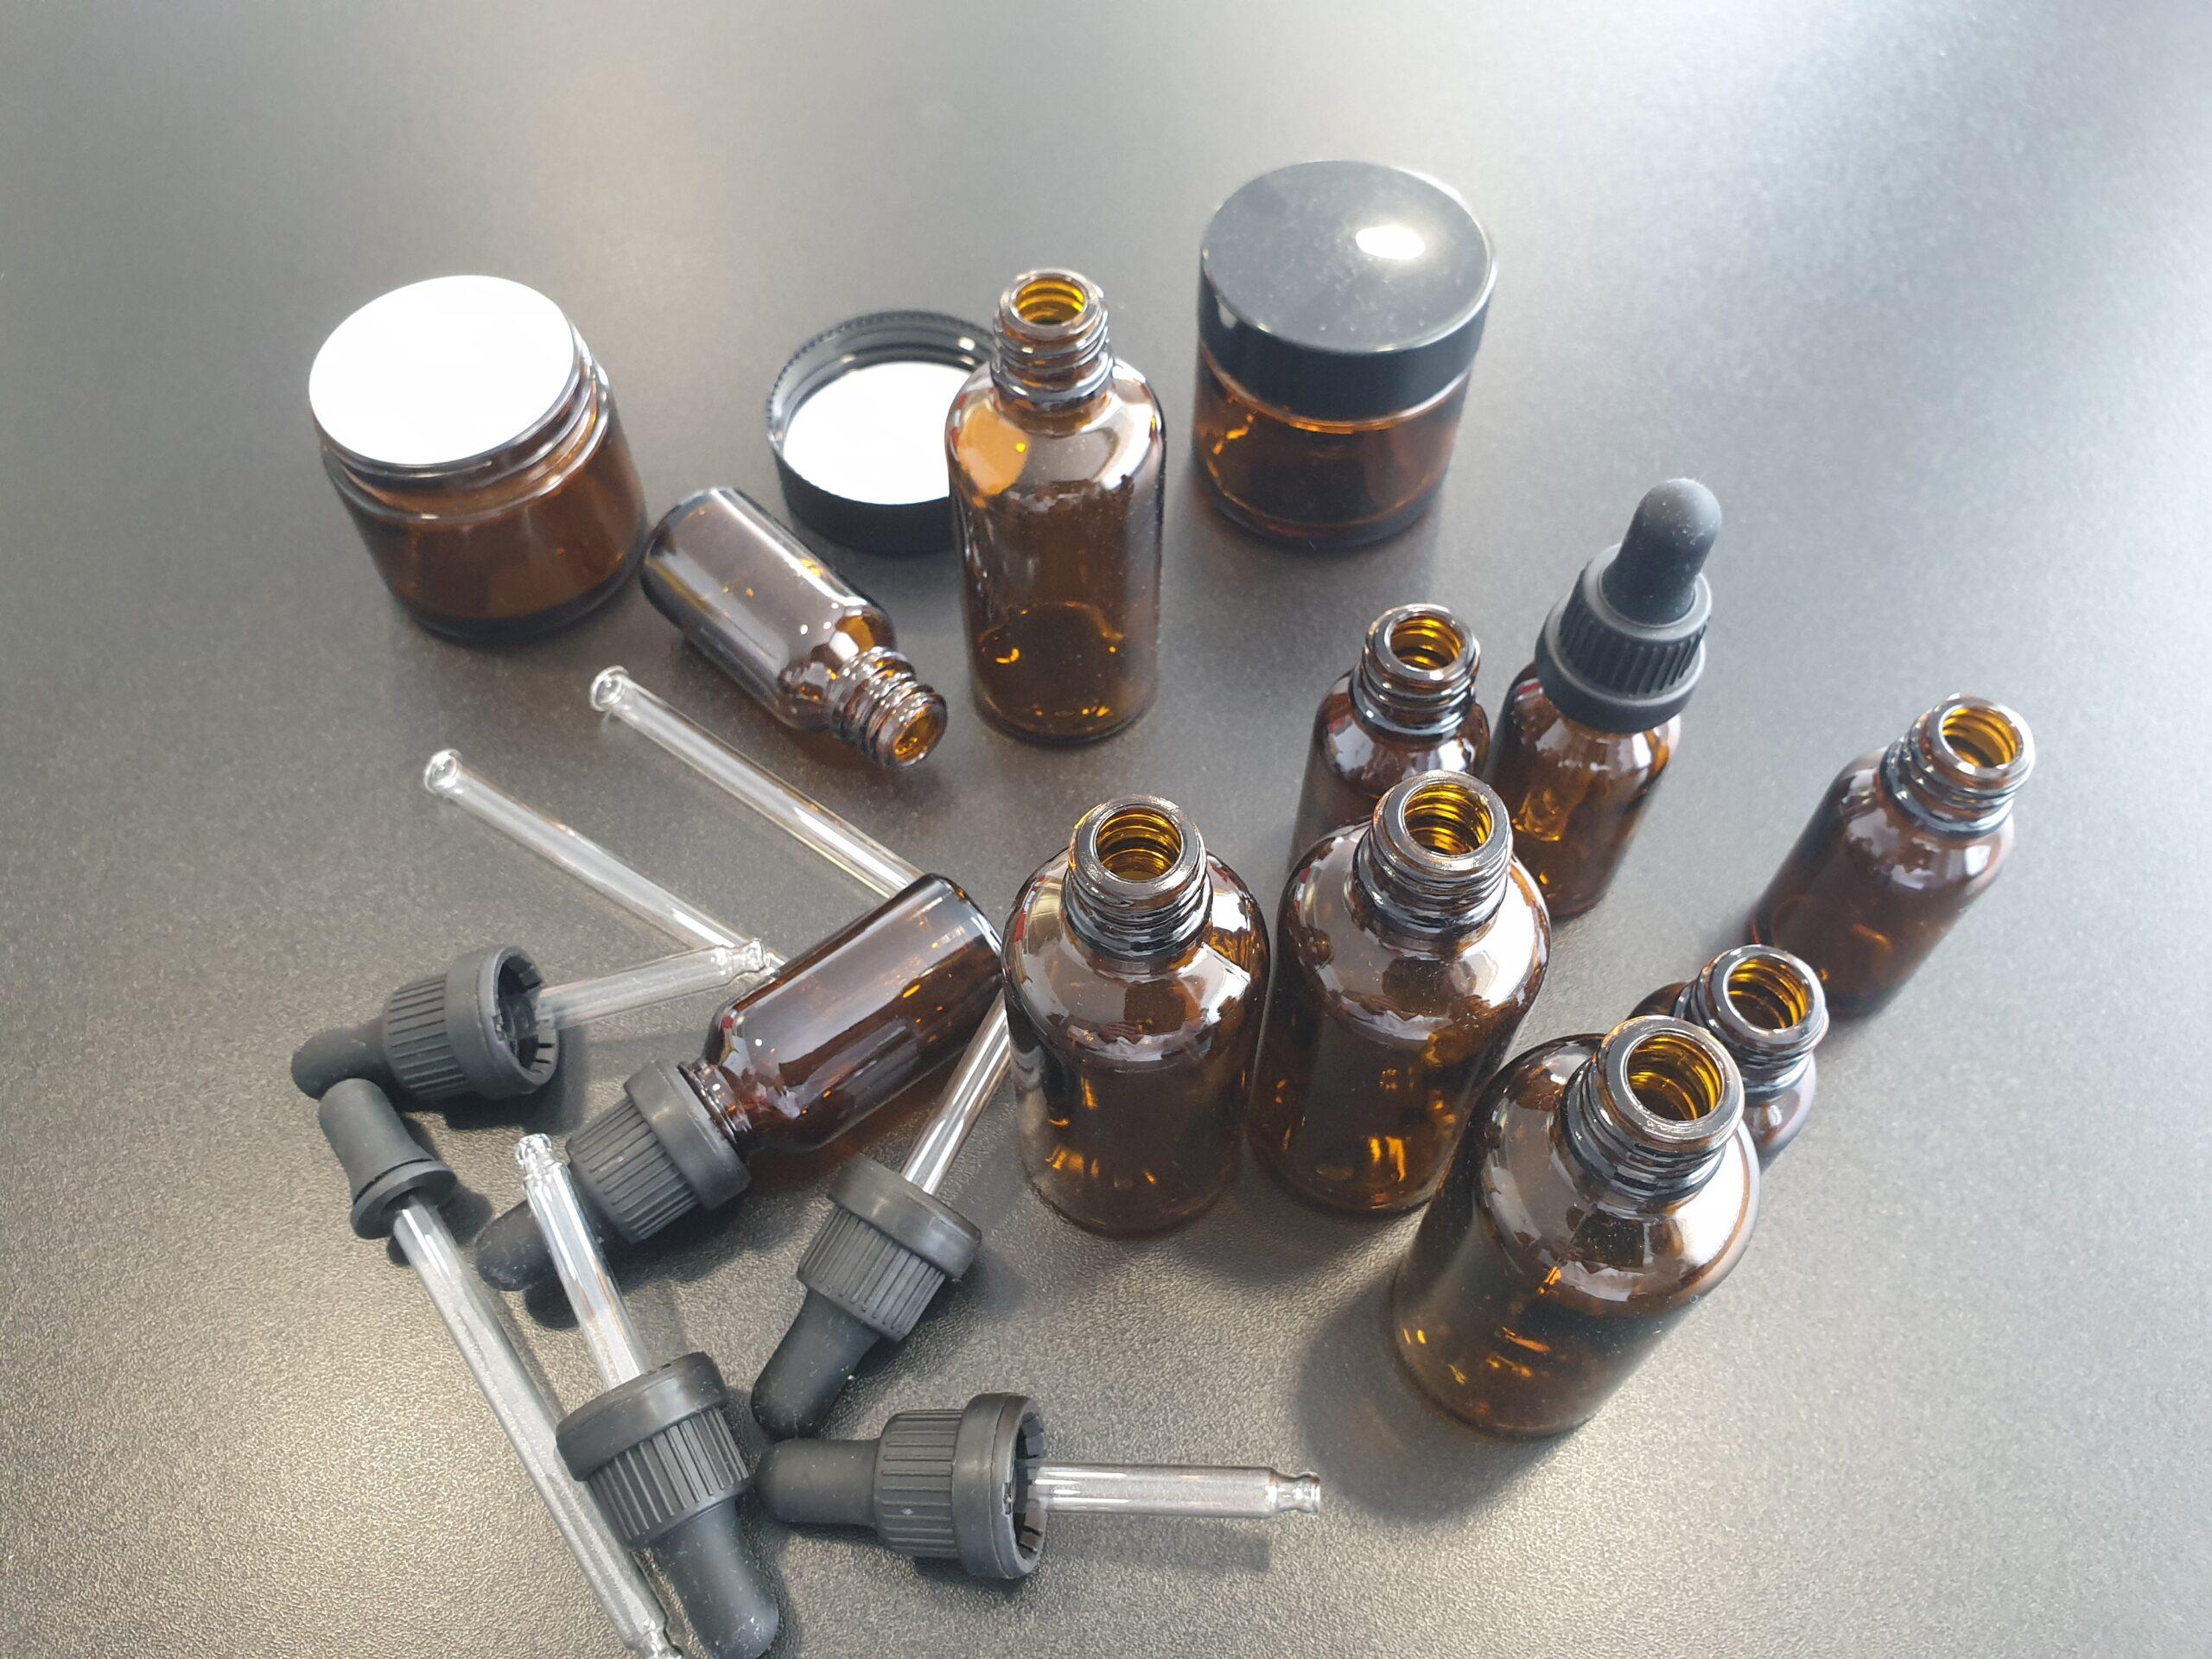 Stekleničke in lončki ambrato barve različnih dimenzij, dostava v 2 mesecih po naročilu